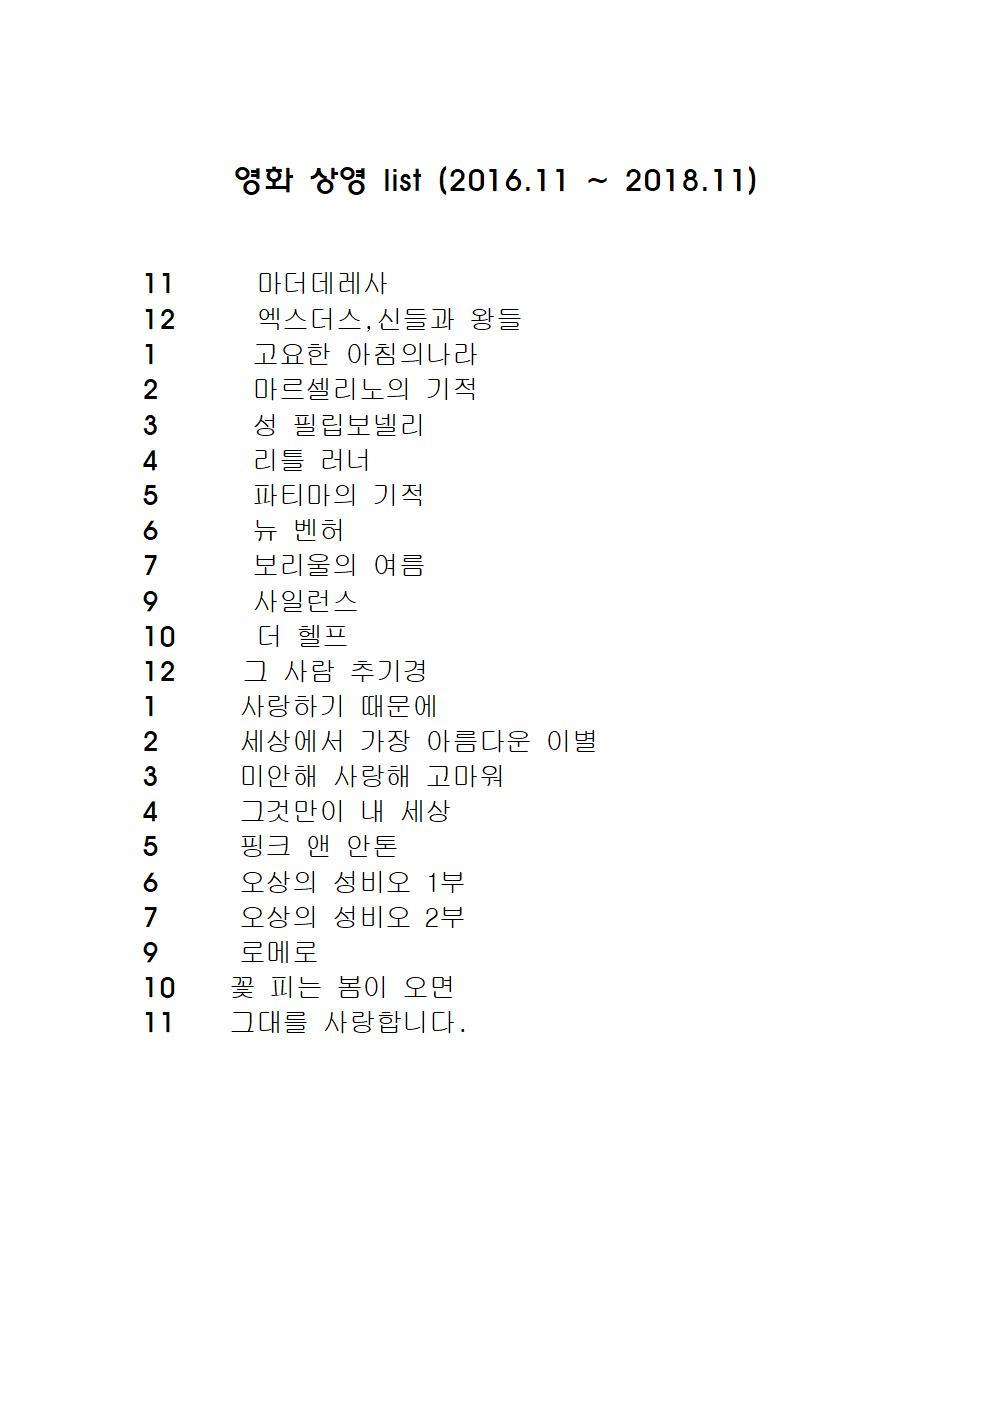 영화 상영 list001.jpg